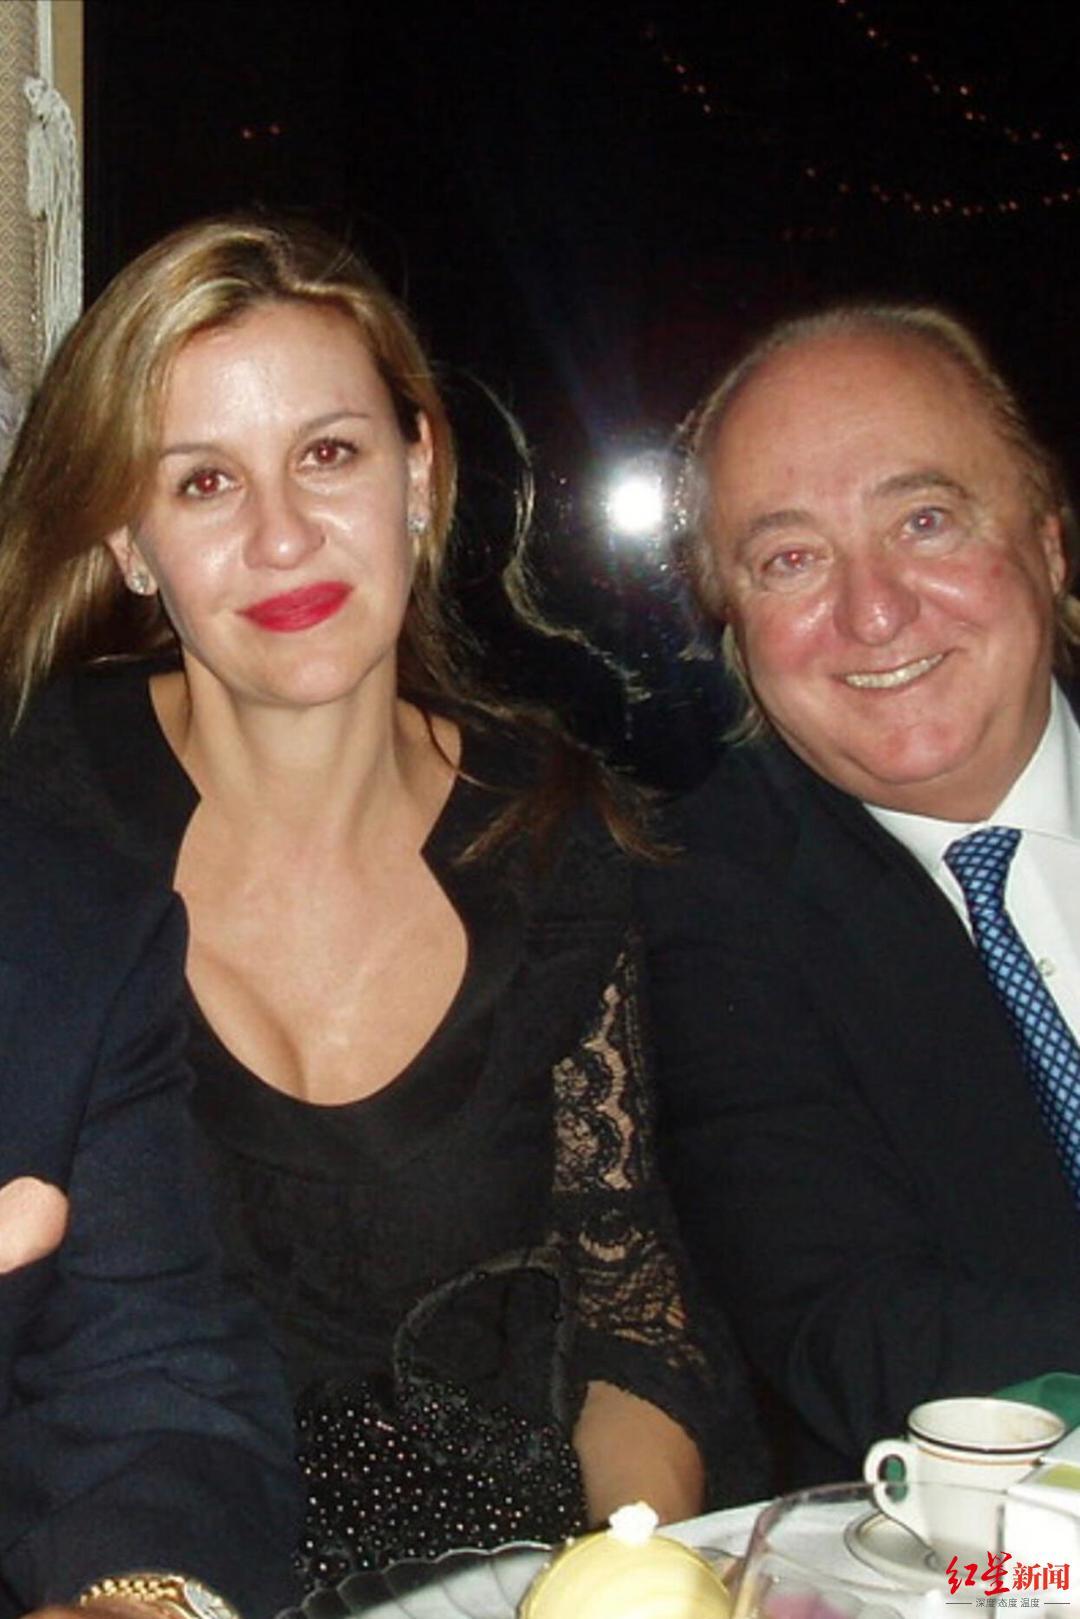 ▲亚历山德拉的母亲帕特里夏·古驰和继父约瑟夫·鲁弗洛。图据纽约时报